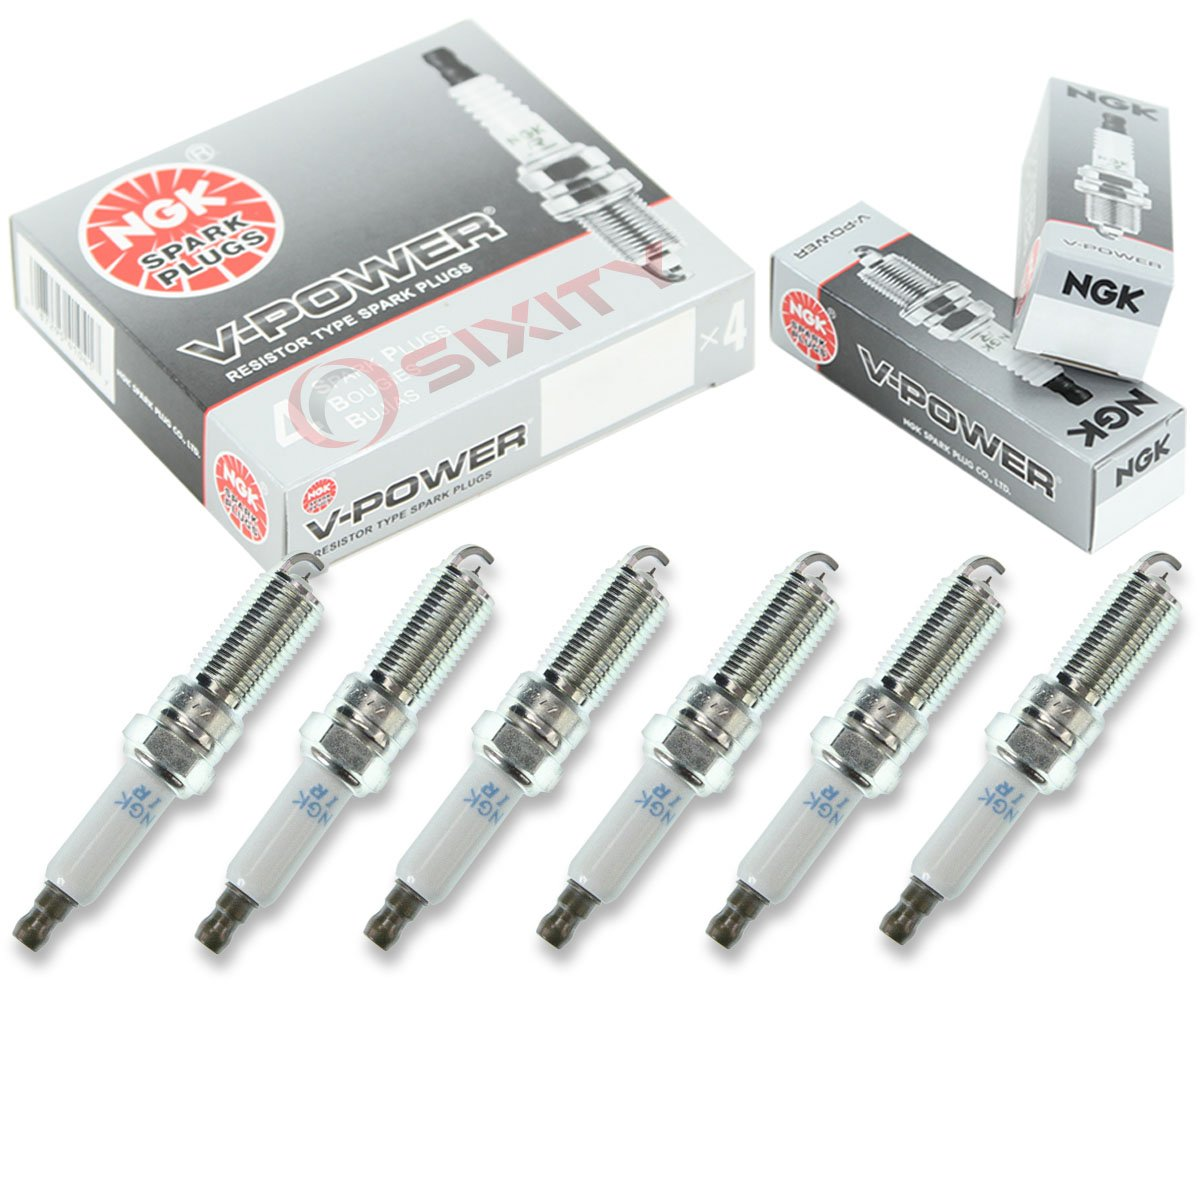 Amazon.com: NGK V-Power 6pcs Spark Plugs Dodge Grand Caravan 01-10 3.8L 3.3L V6 Kit Set: Automotive